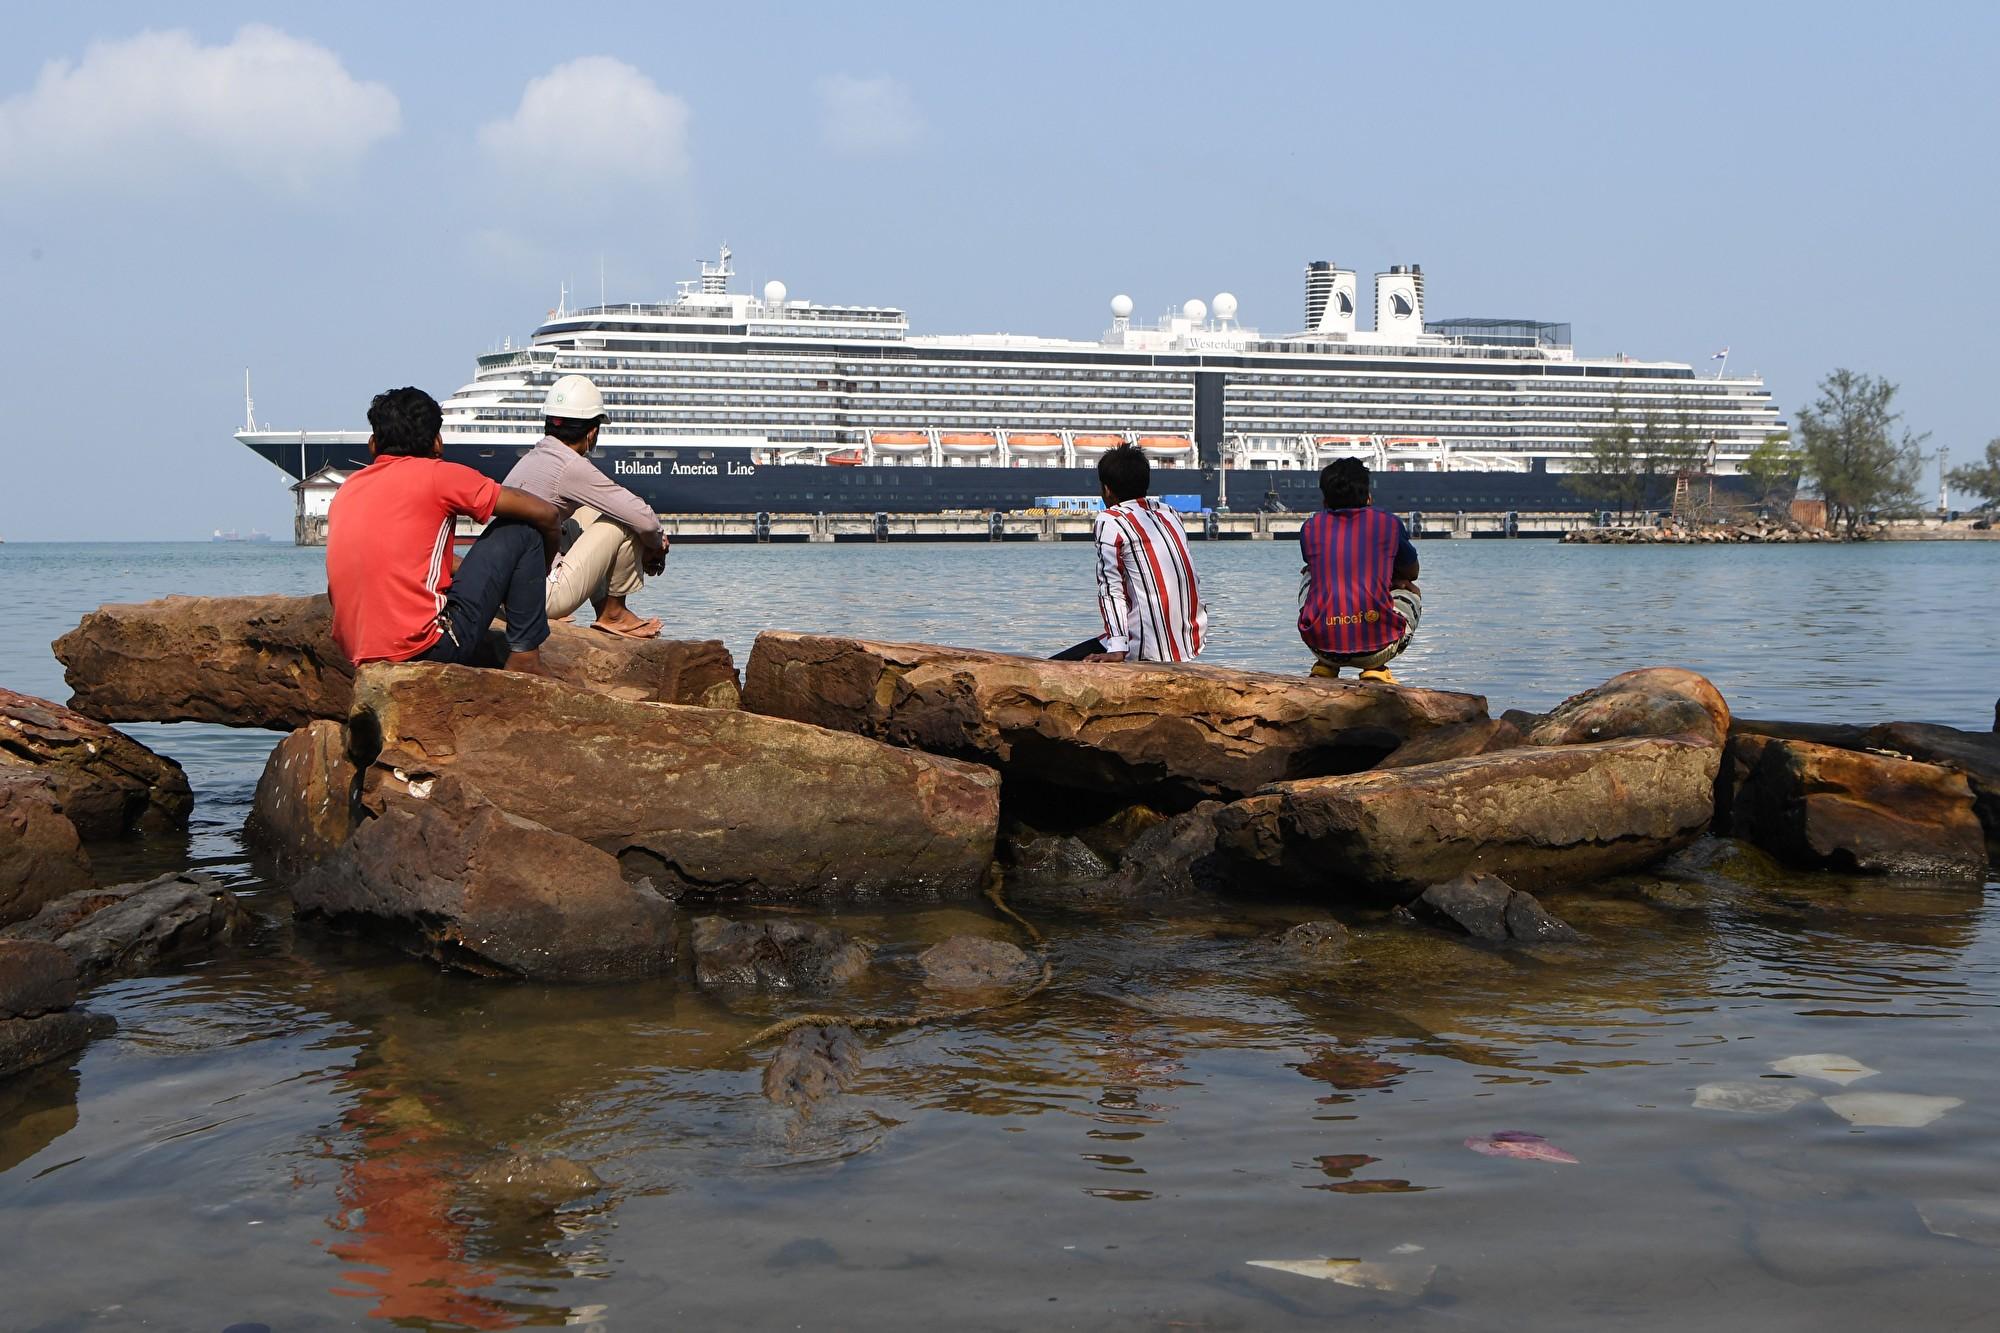 乘船遊湄公河 三名英國人感染中共肺炎